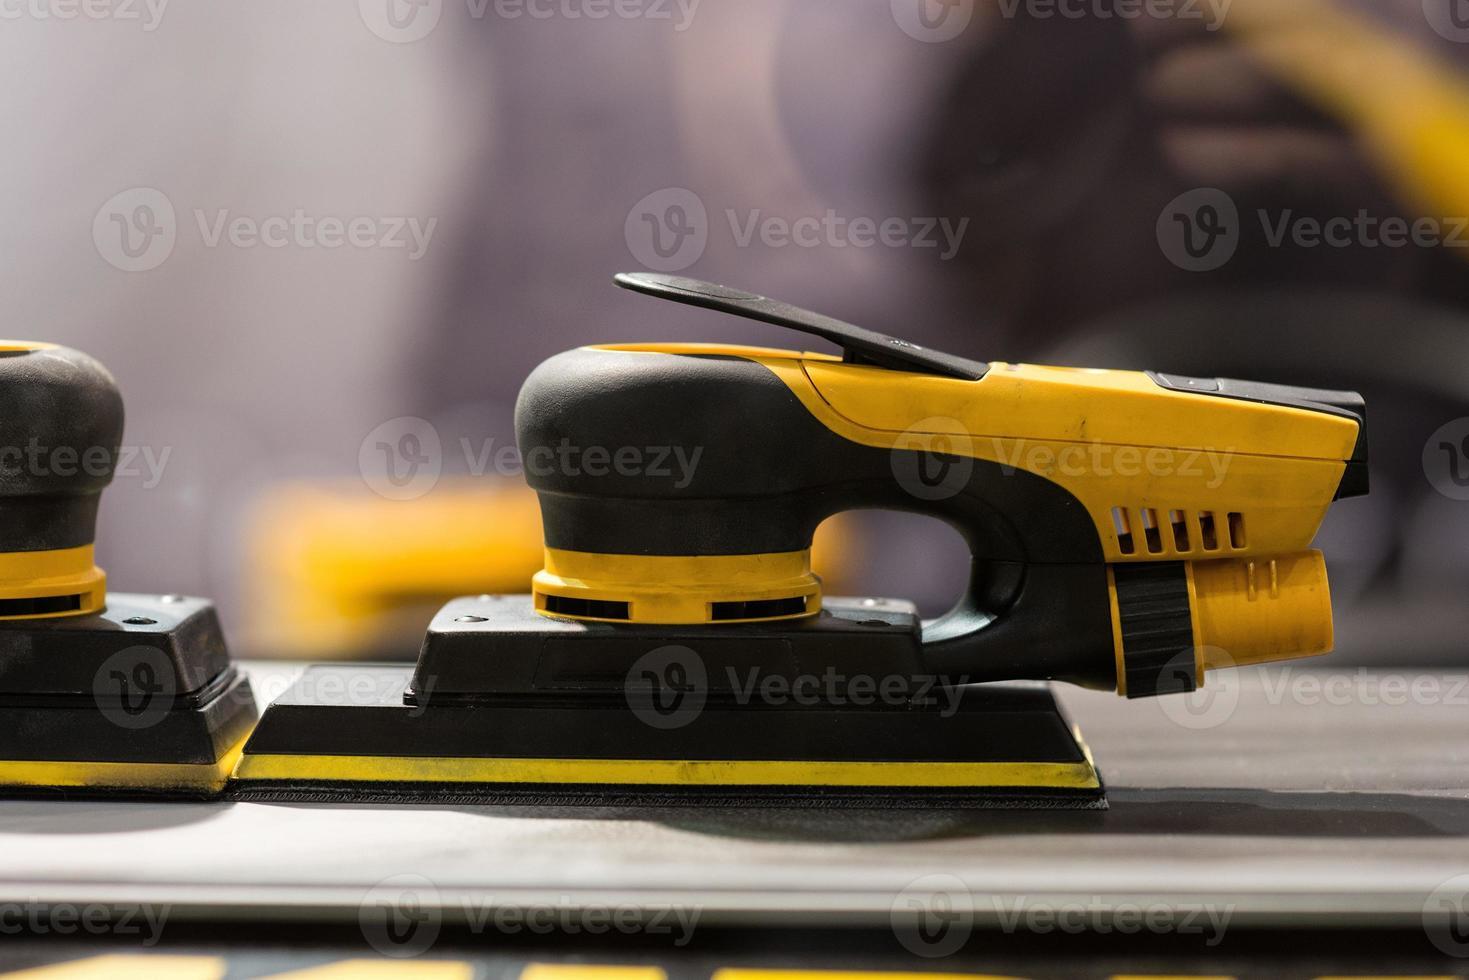 Herramientas para pulir y pulir carrocerías de vehículos - imagen foto